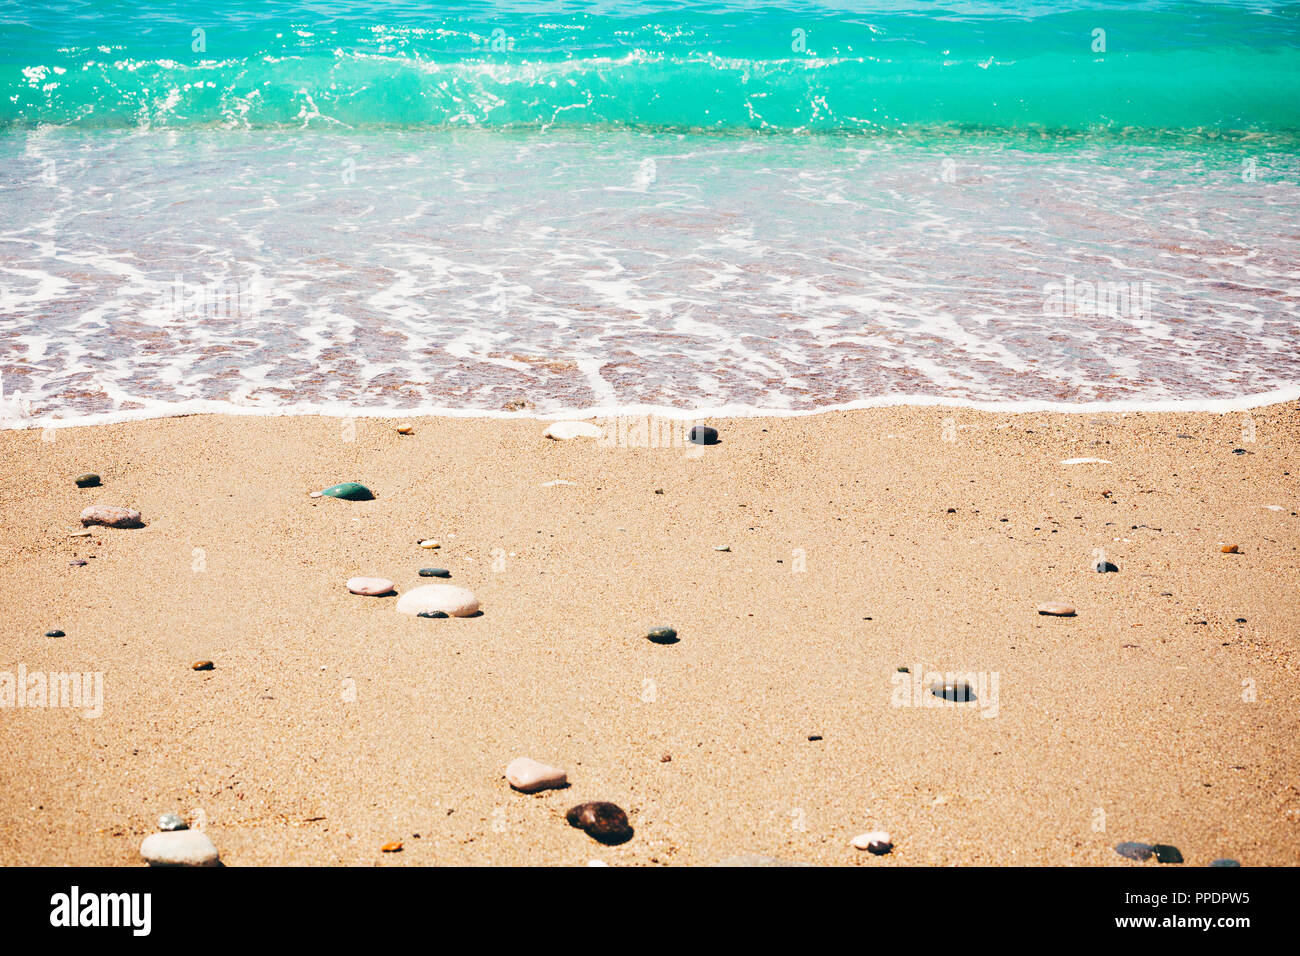 Il turchese del mare con una spiaggia tropicale. Costa del mare in estate, vacanze attive in Paradise Resort, concetto di stile di vita di viaggio. Immagini Stock